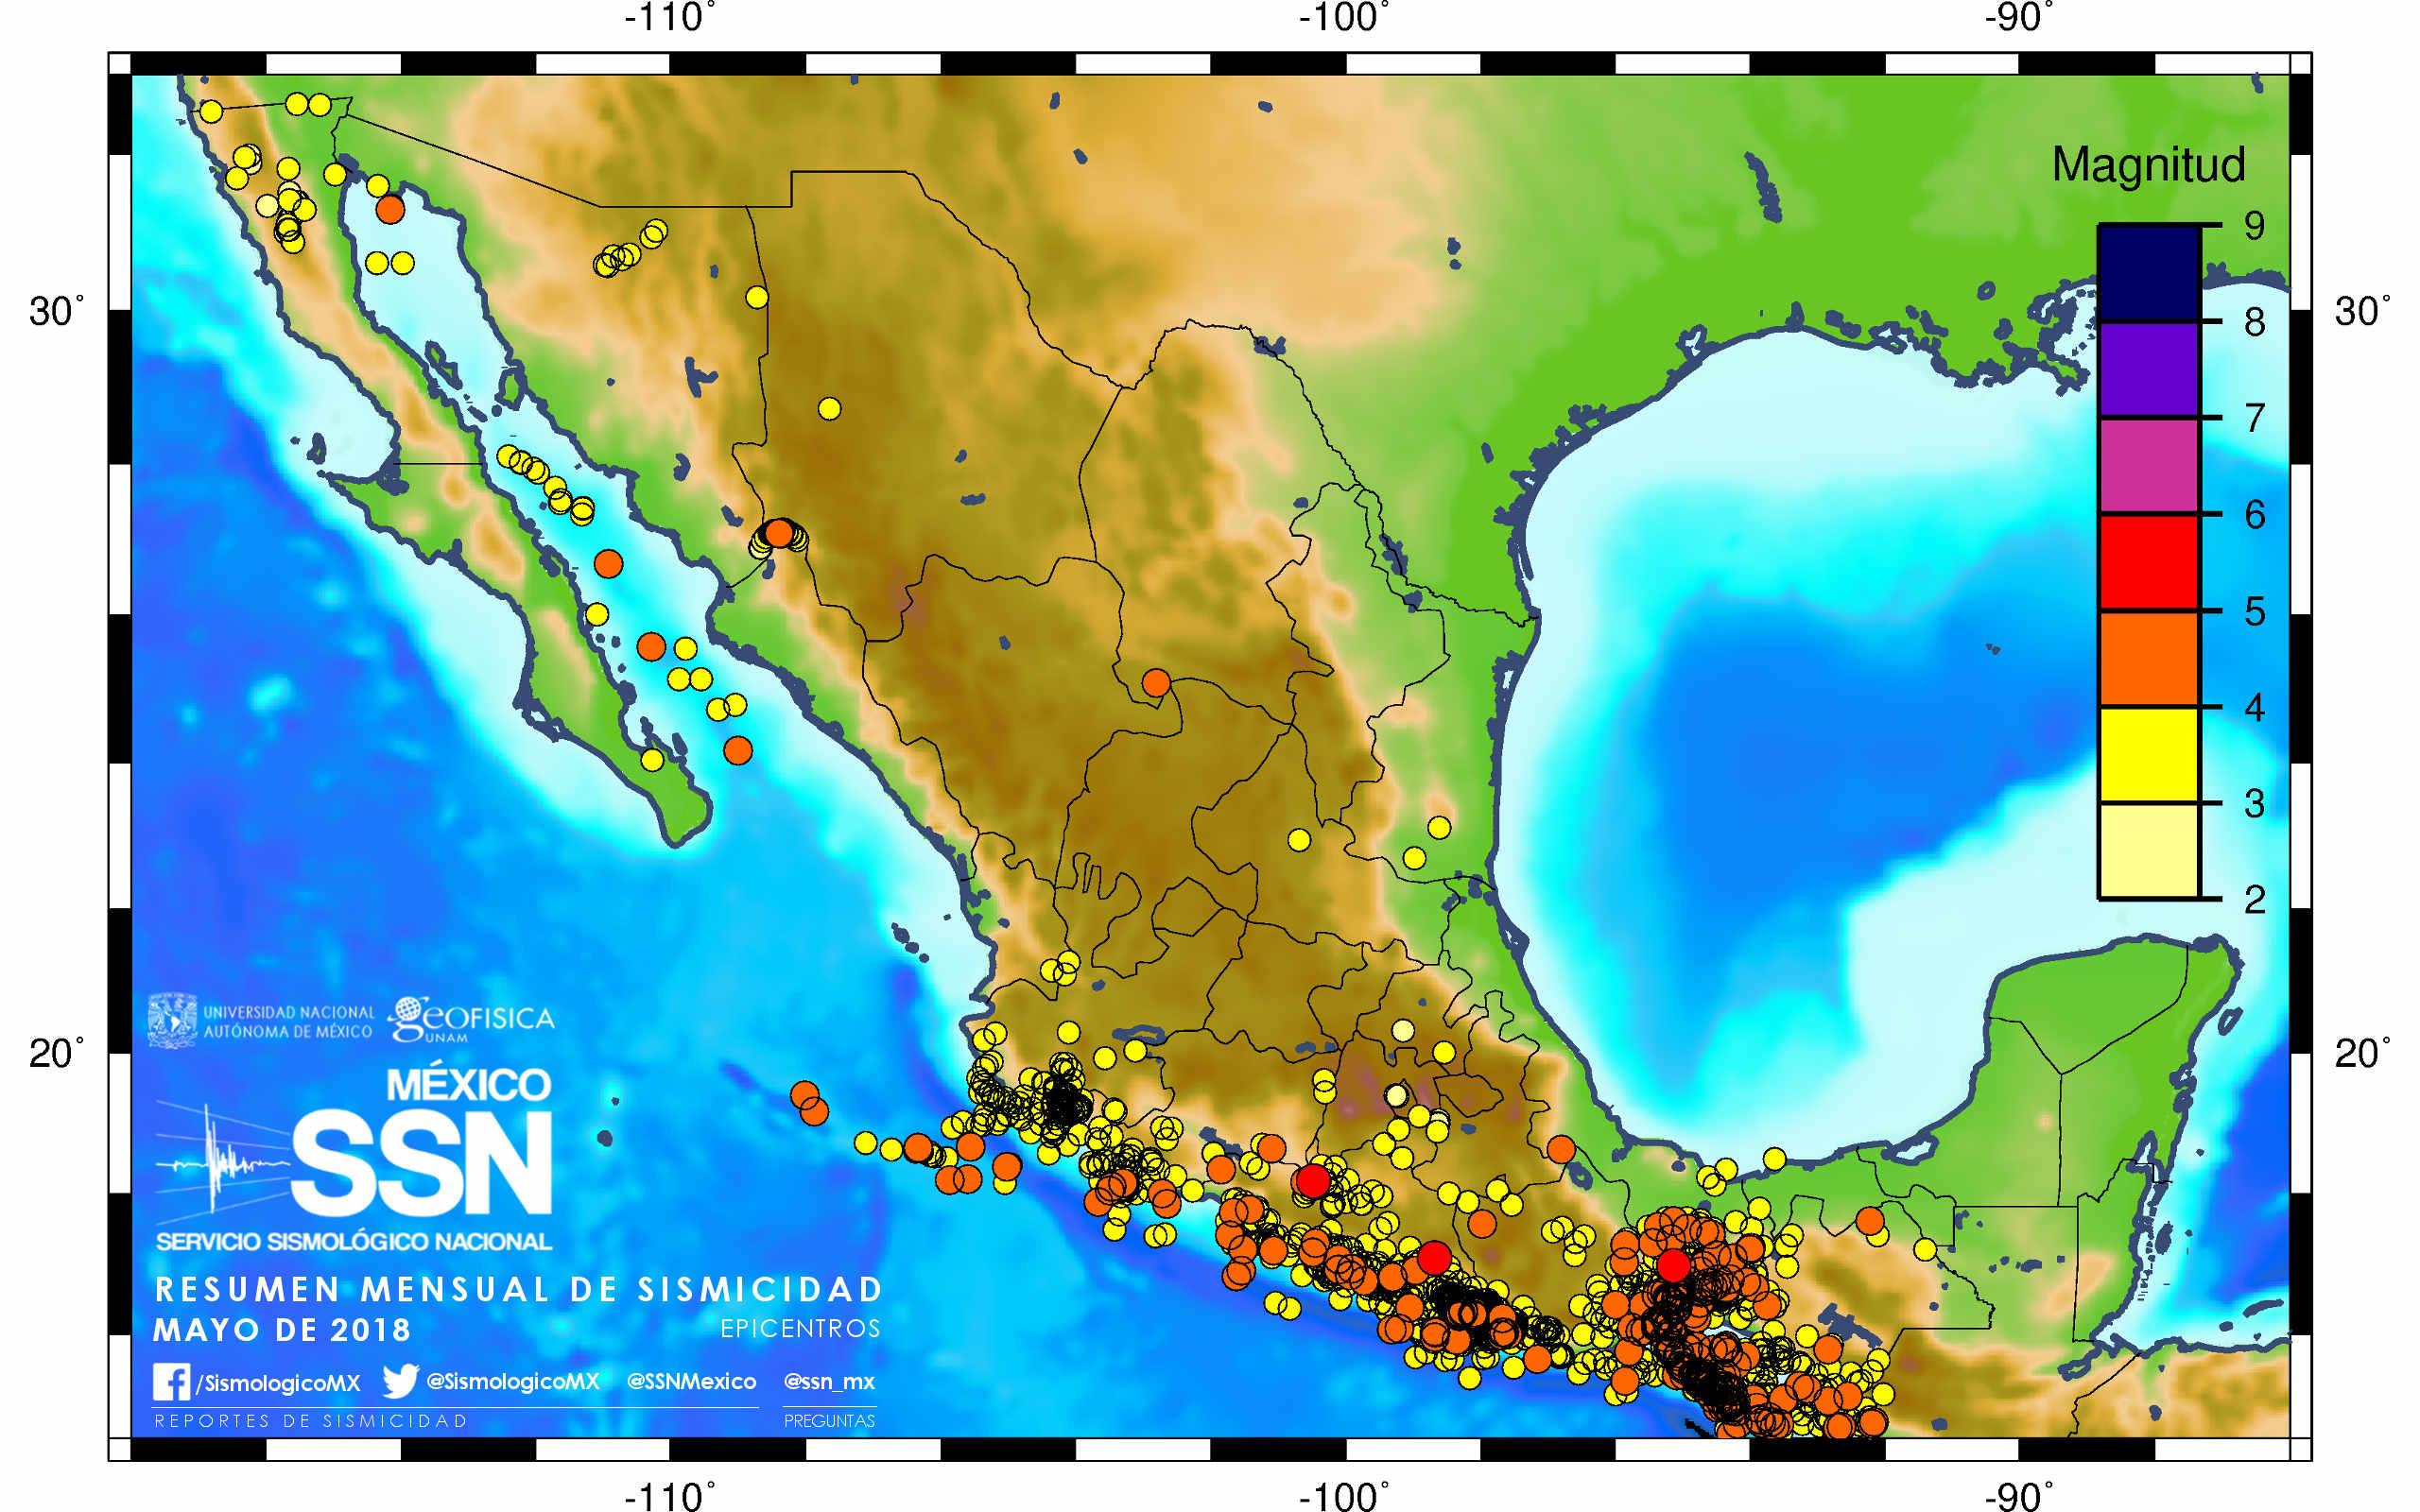 Resumen mensual de sismicidad Mexico Mayo de 2018